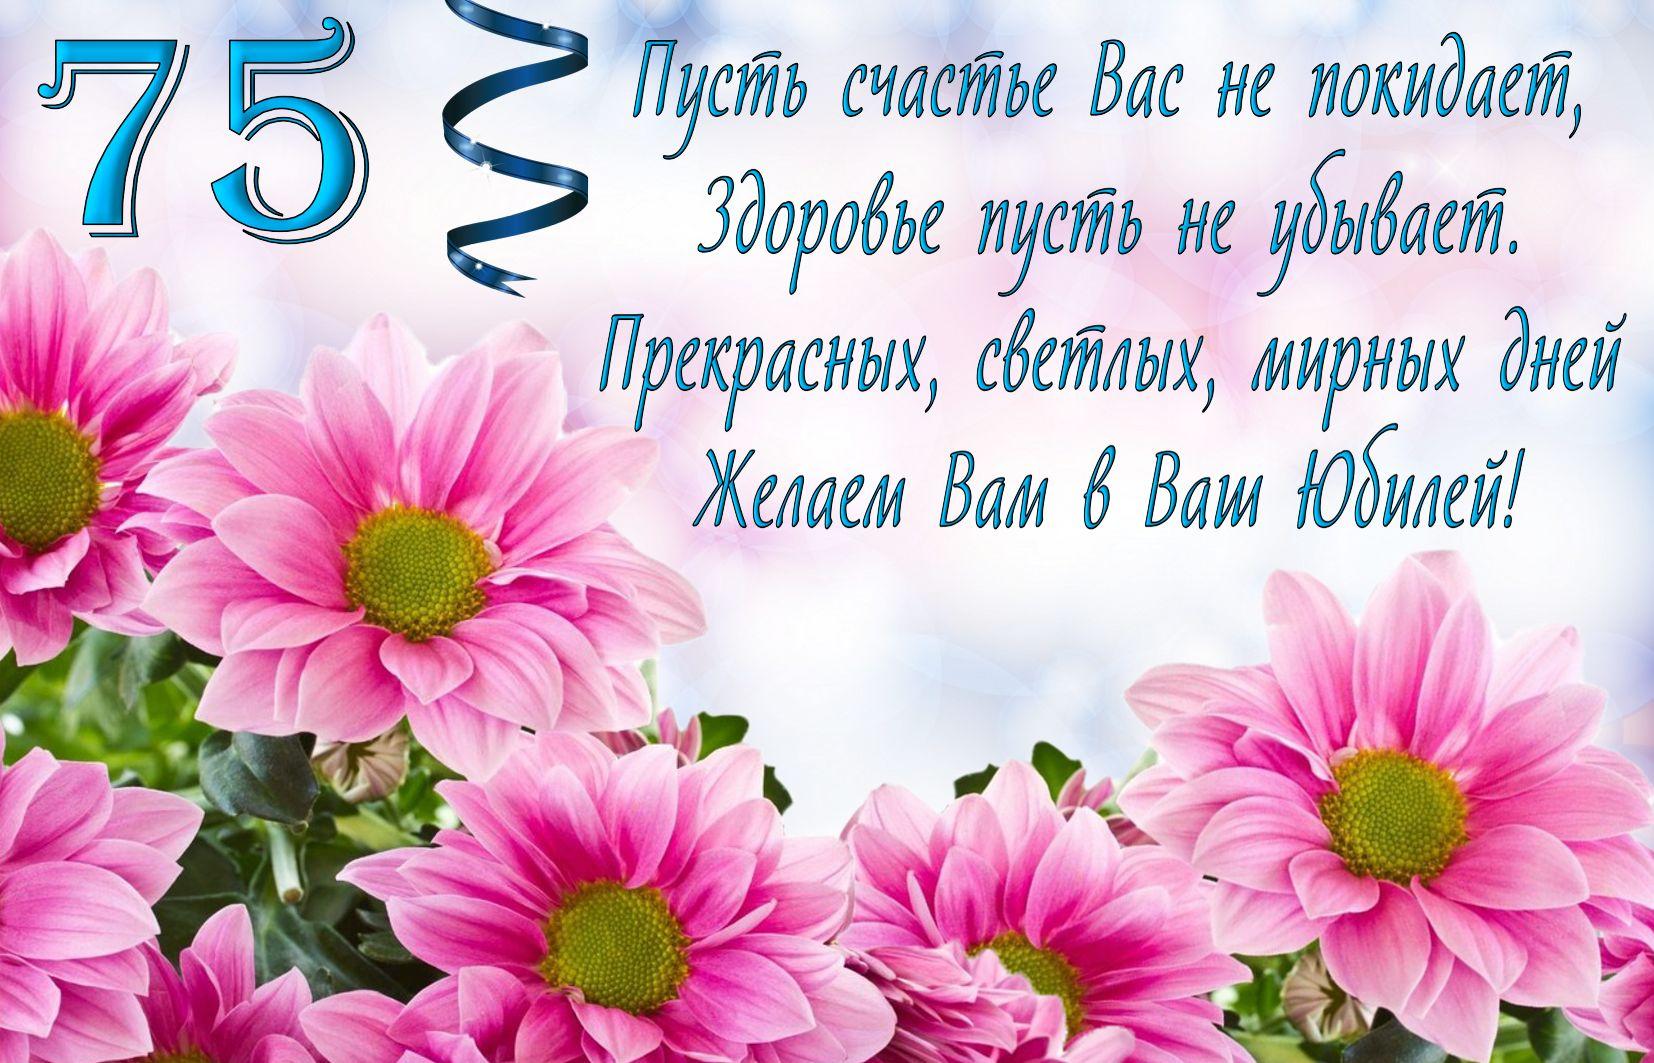 Красивые розовые цветы на 75 День рождения